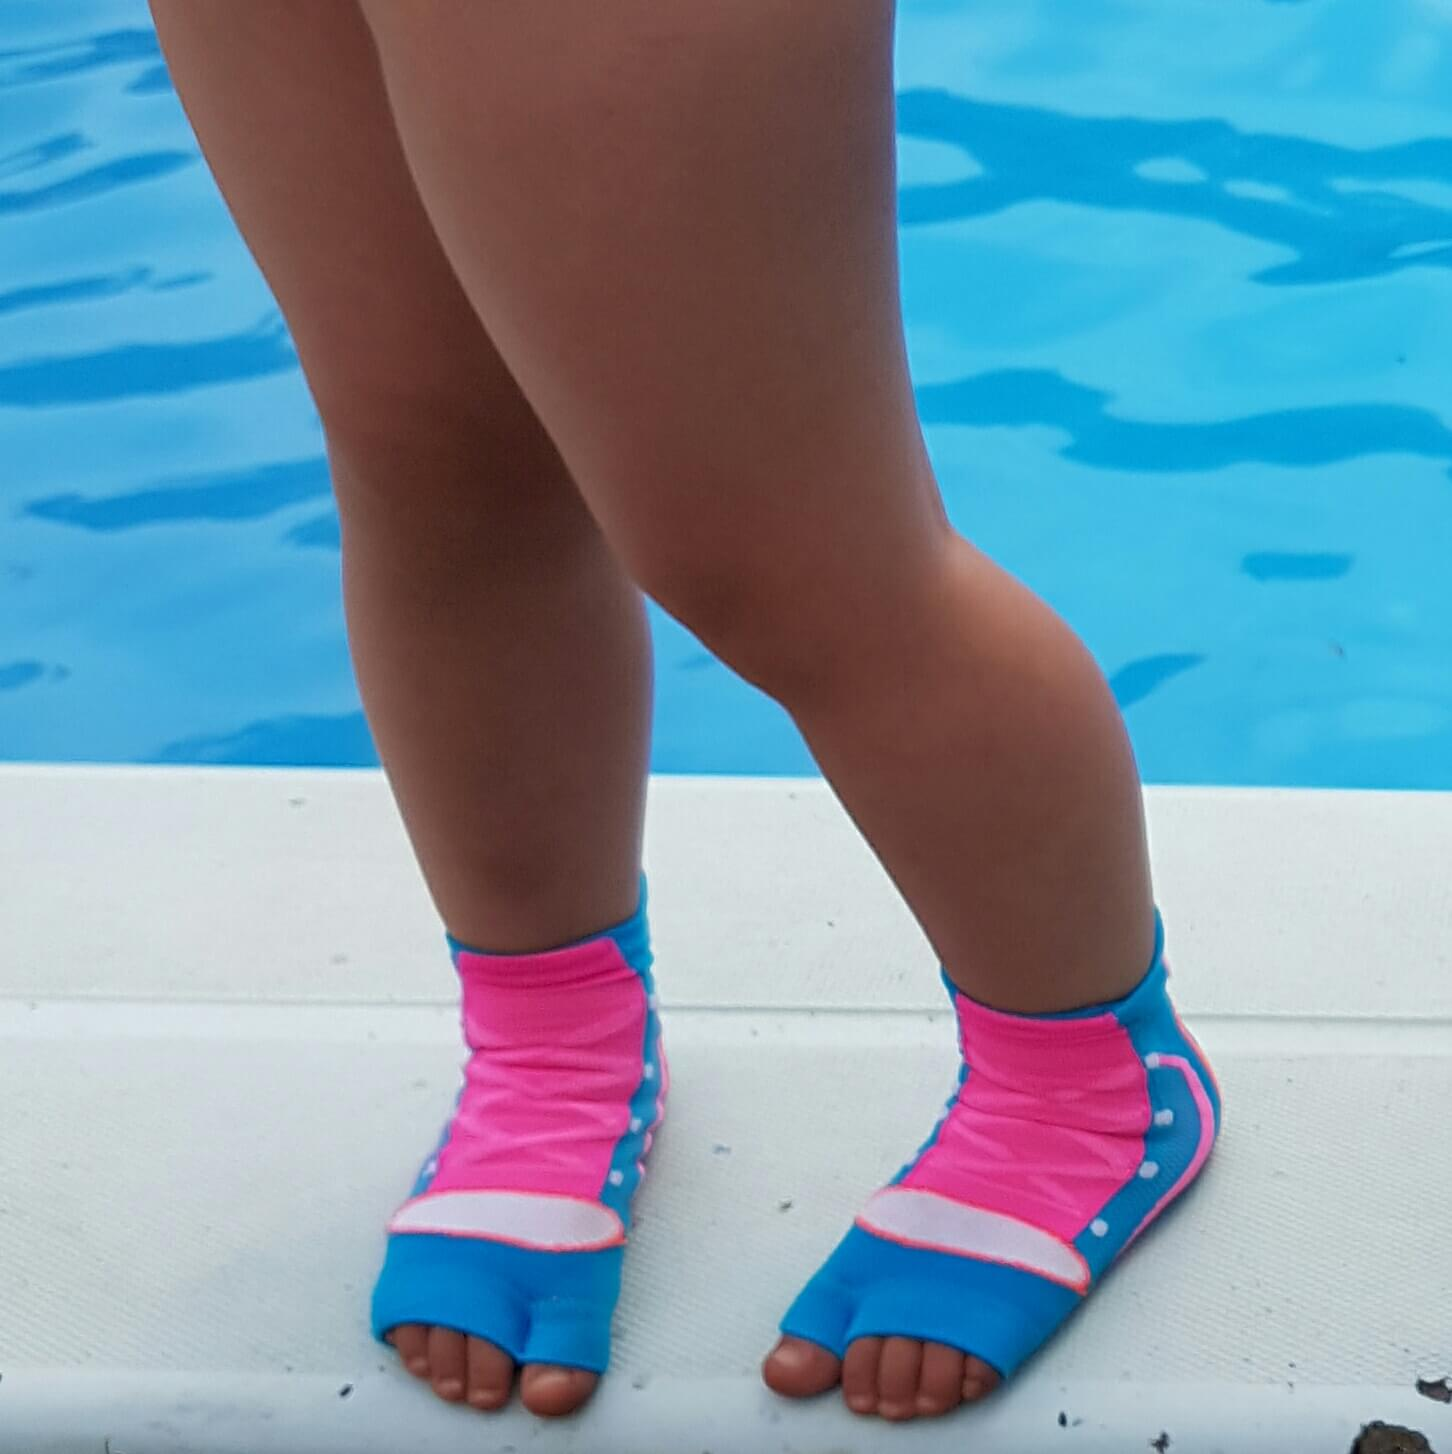 Getest: Sweakers antislip sokken voor in het zwembad review